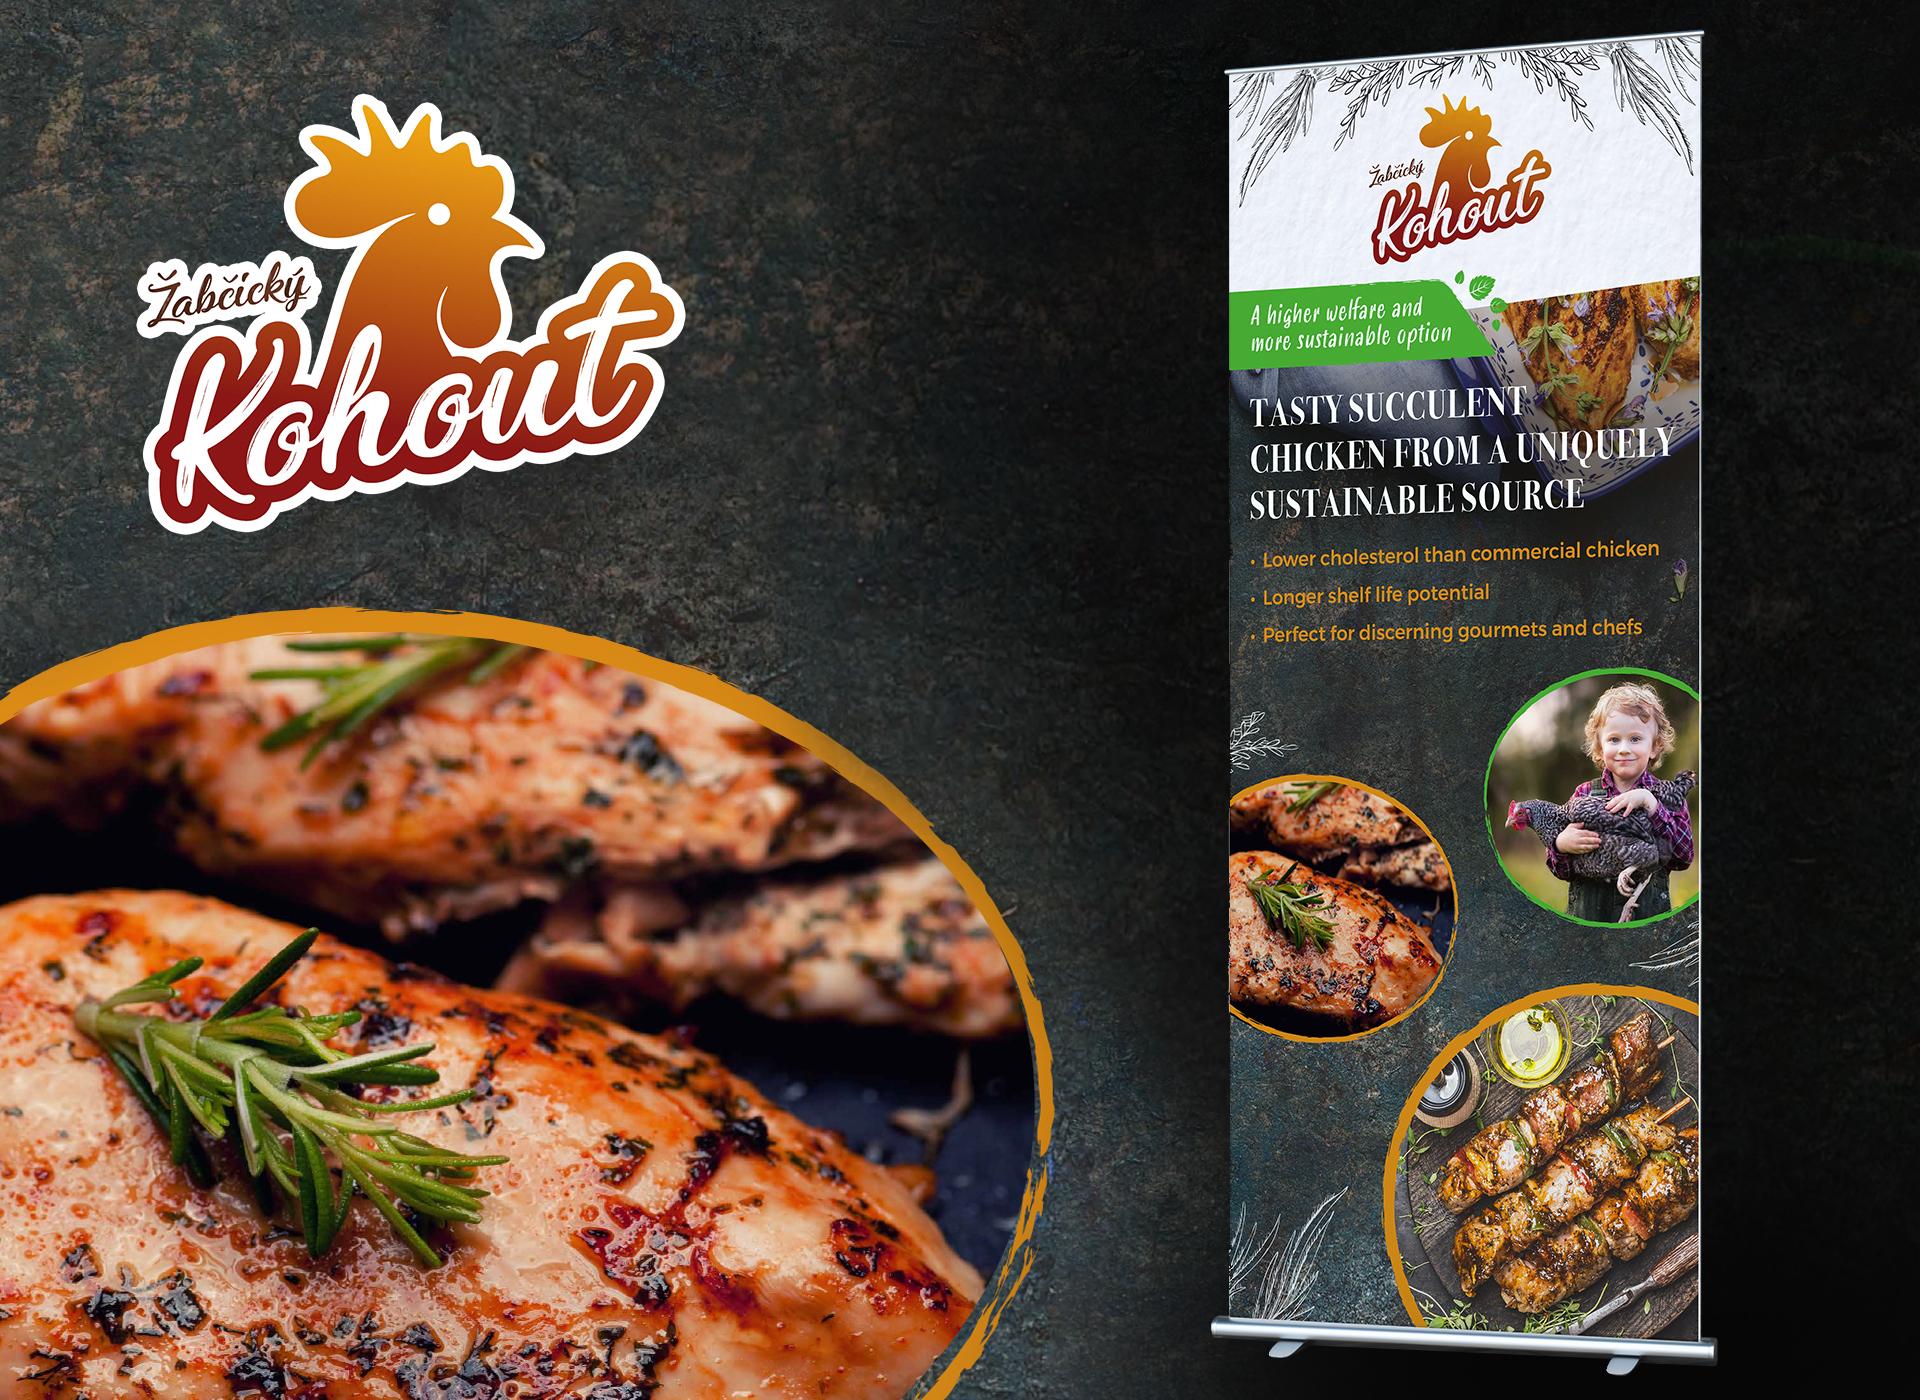 Kohout Branding